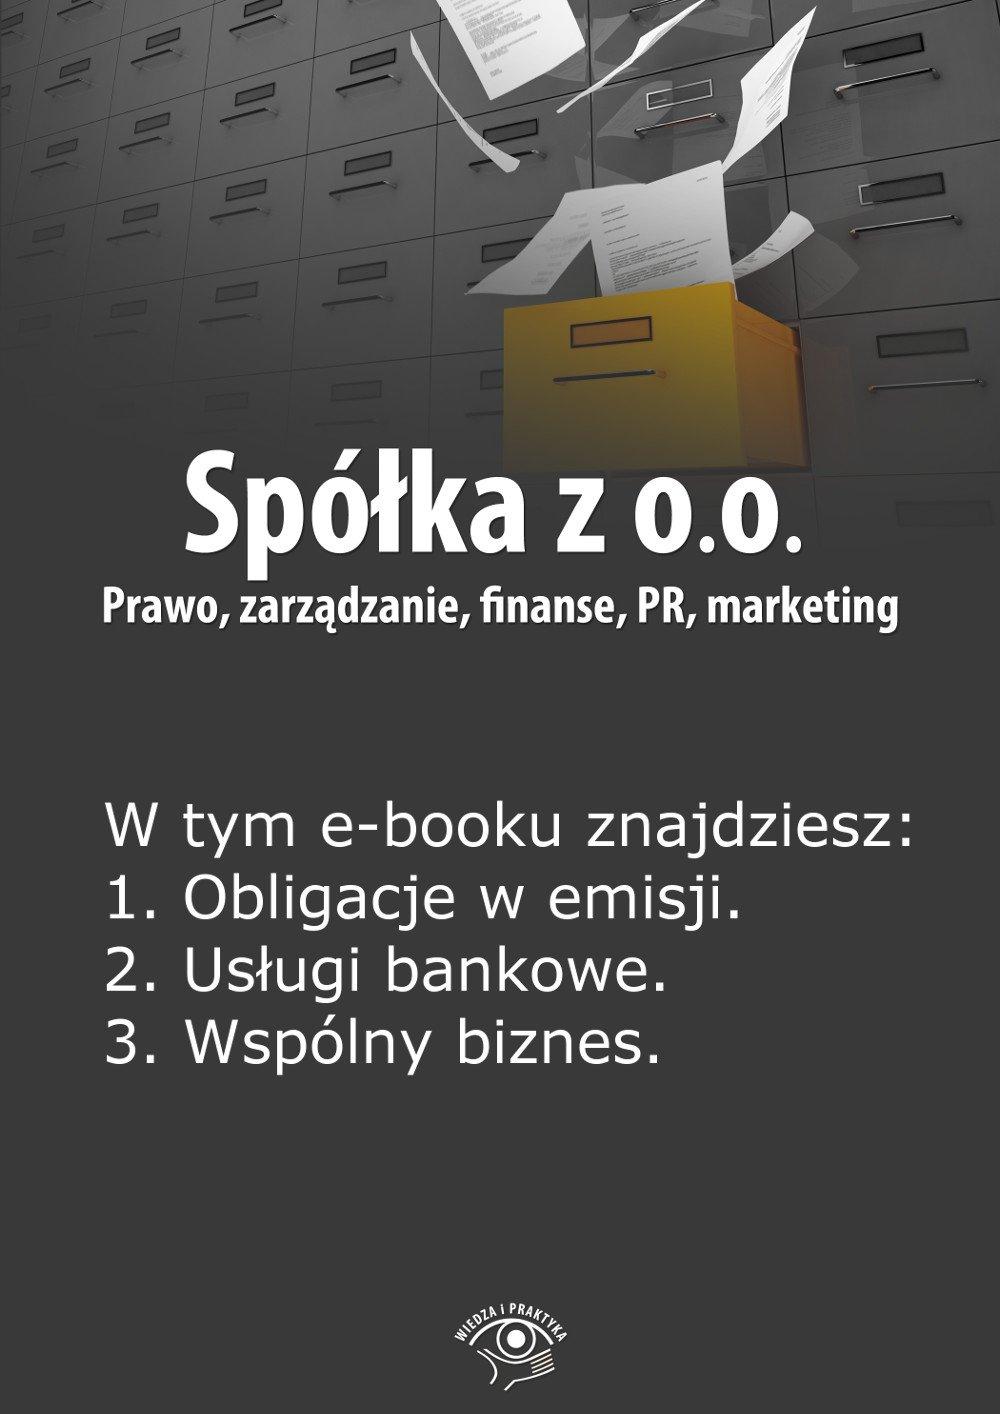 Spółka z o.o. Prawo, zarządzanie, finanse, PR, marketing. Wydanie specjalne styczeń 2014 r. - Ebook (Książka EPUB) do pobrania w formacie EPUB